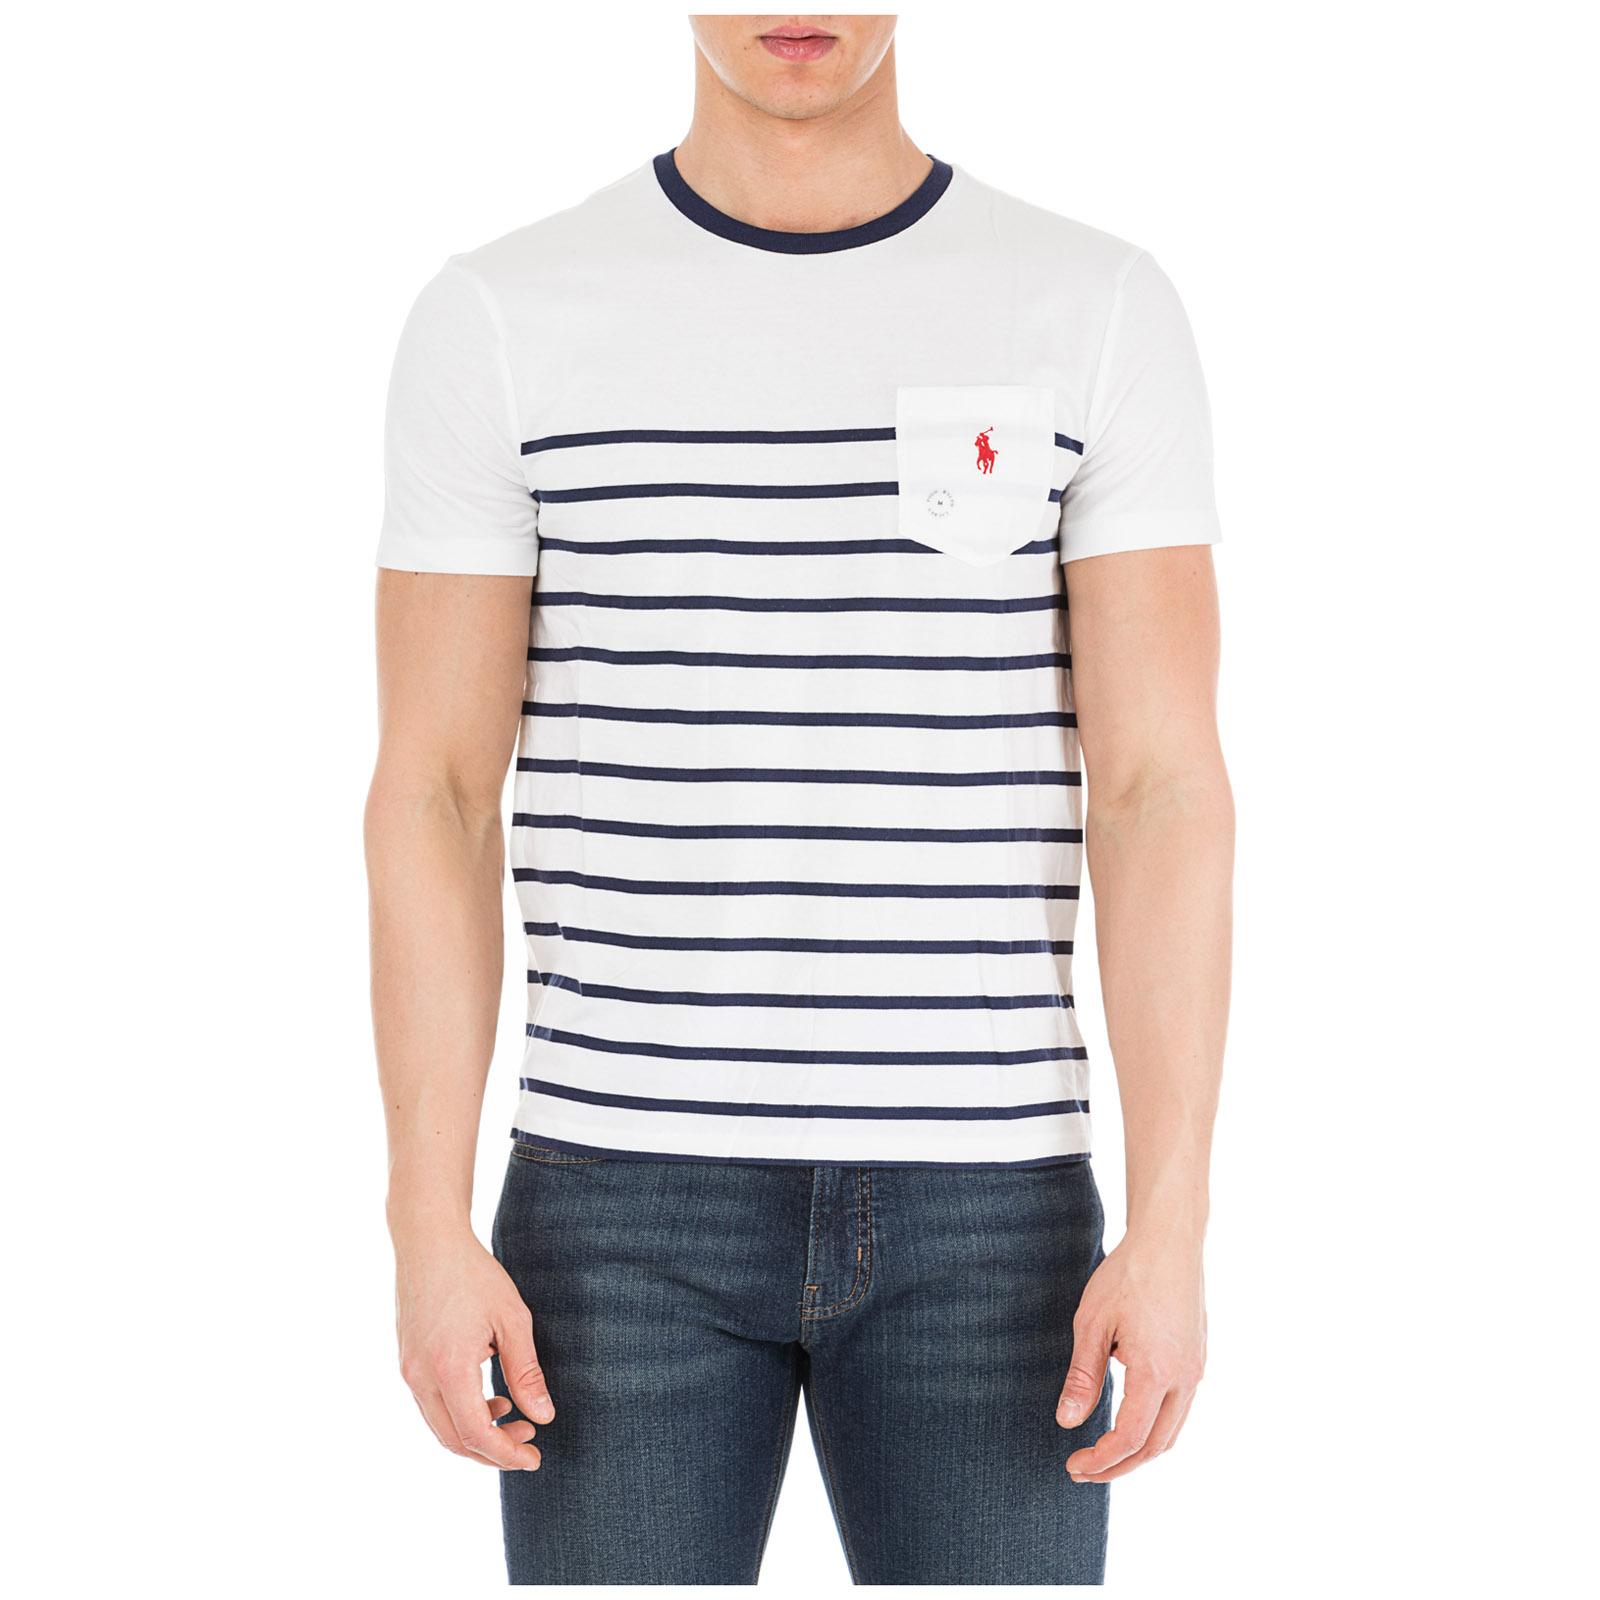 e9cb38a6a837 T-shirt Ralph Lauren 710740886 001 bianco | FRMODA.com